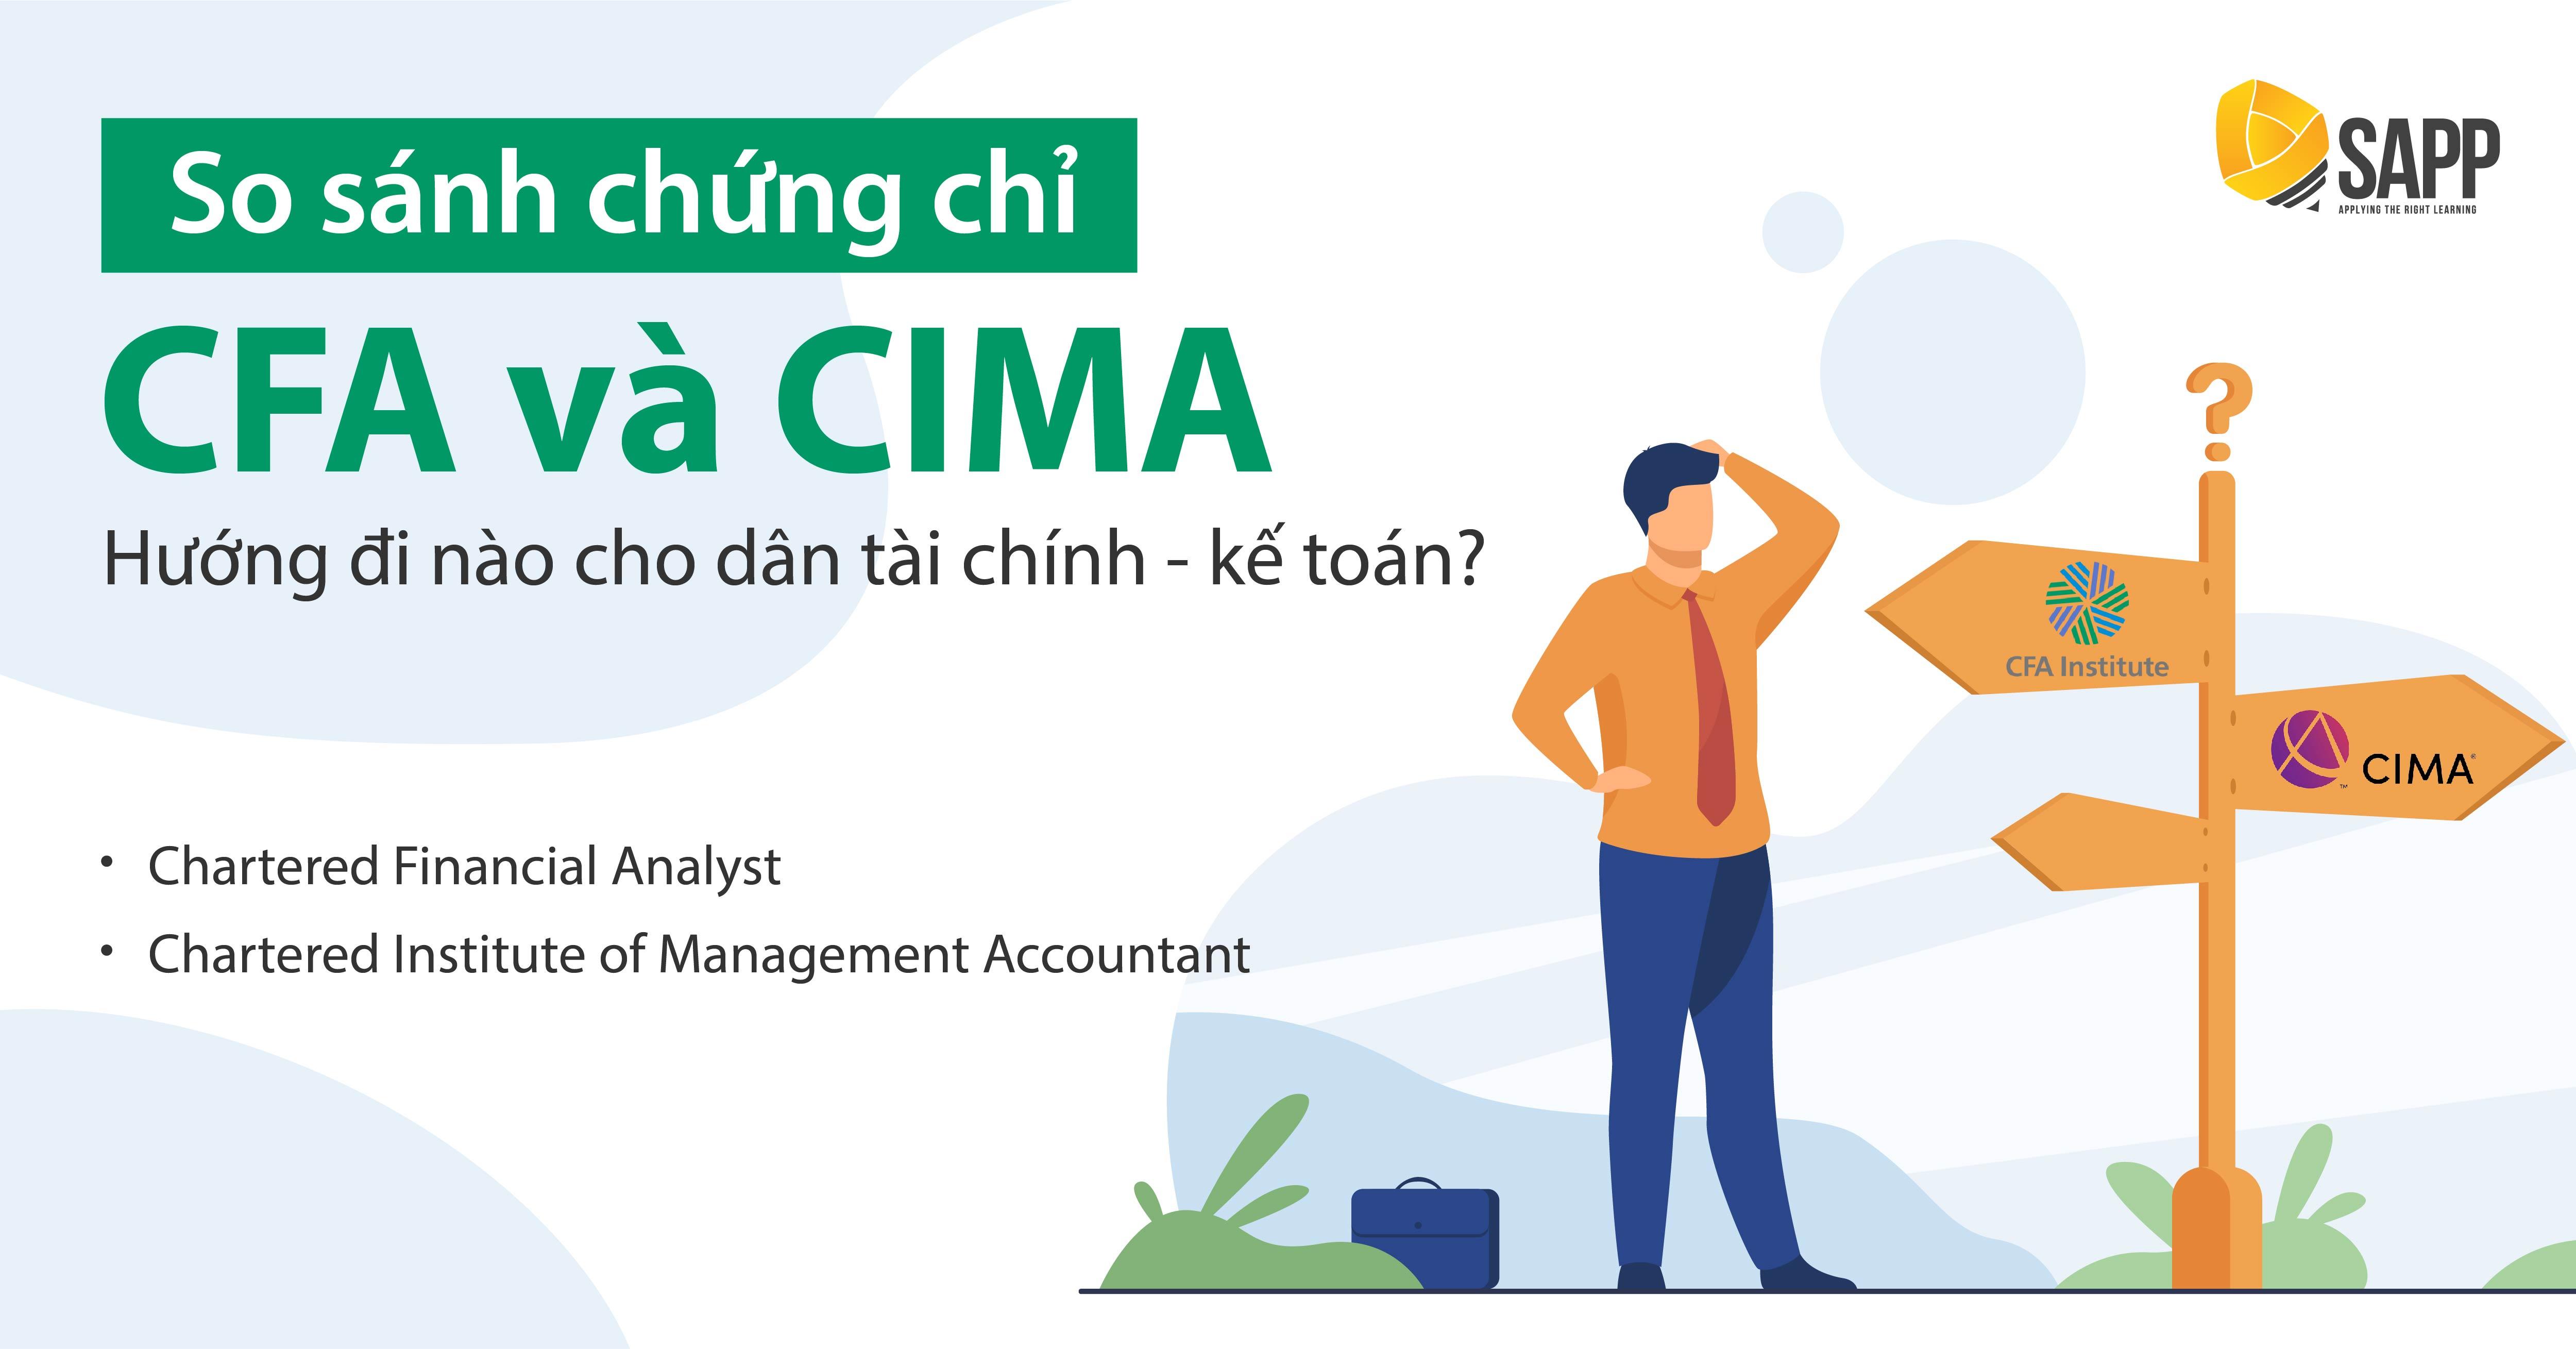 So Sánh Chứng Chỉ CFA Và CIMA - Hướng Đi Nào Cho Dân Tài Chính - Kế Toán?